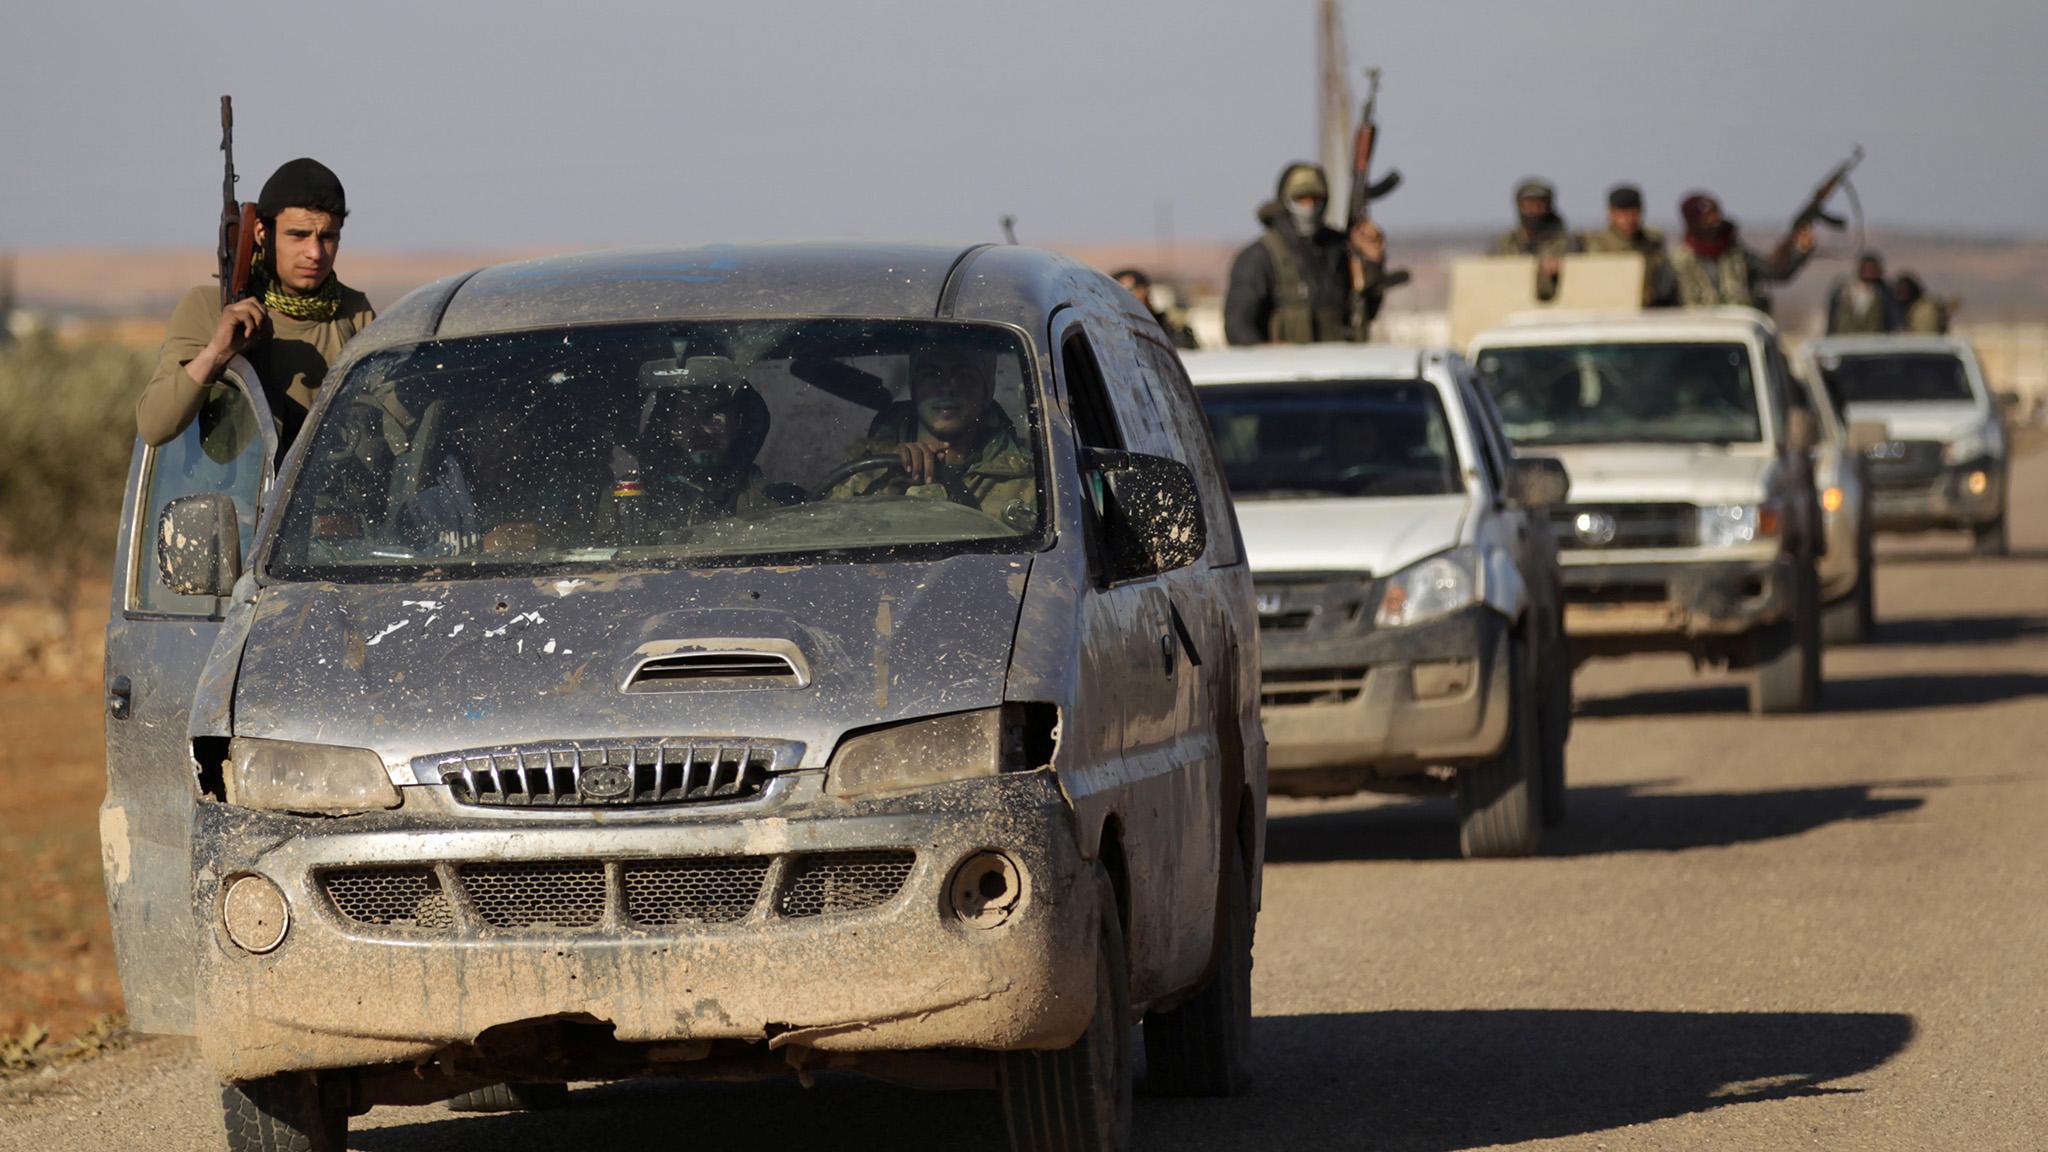 Çavuşoğlu: M4 karayolu rejimle aramızda geçici sınır olacak